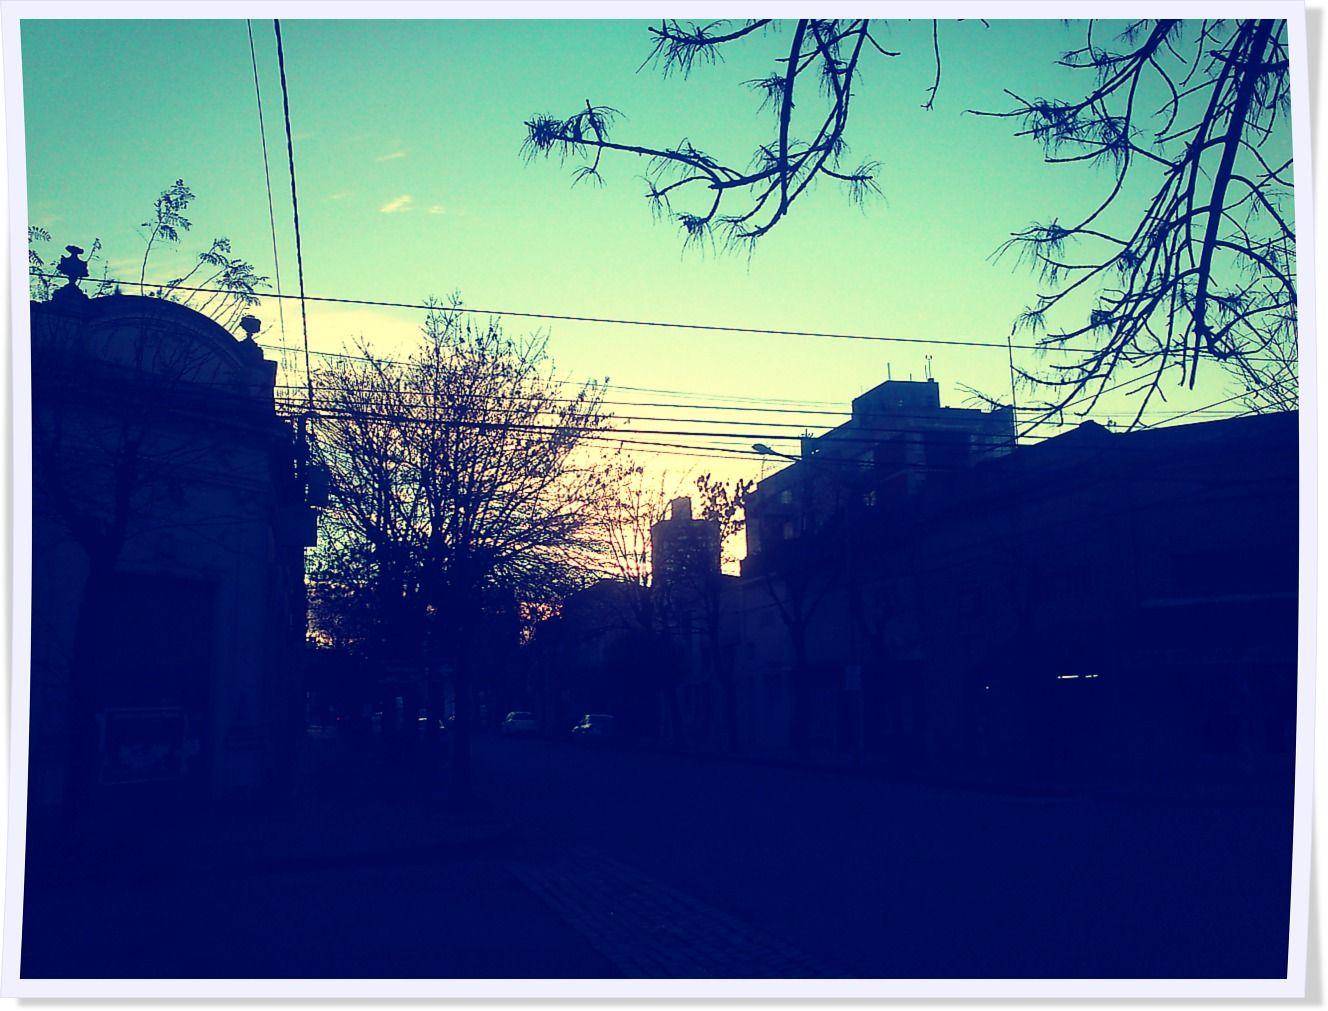 Hora de empezar a trabajar y el sol apenas desperezándose. #100happydays #día52